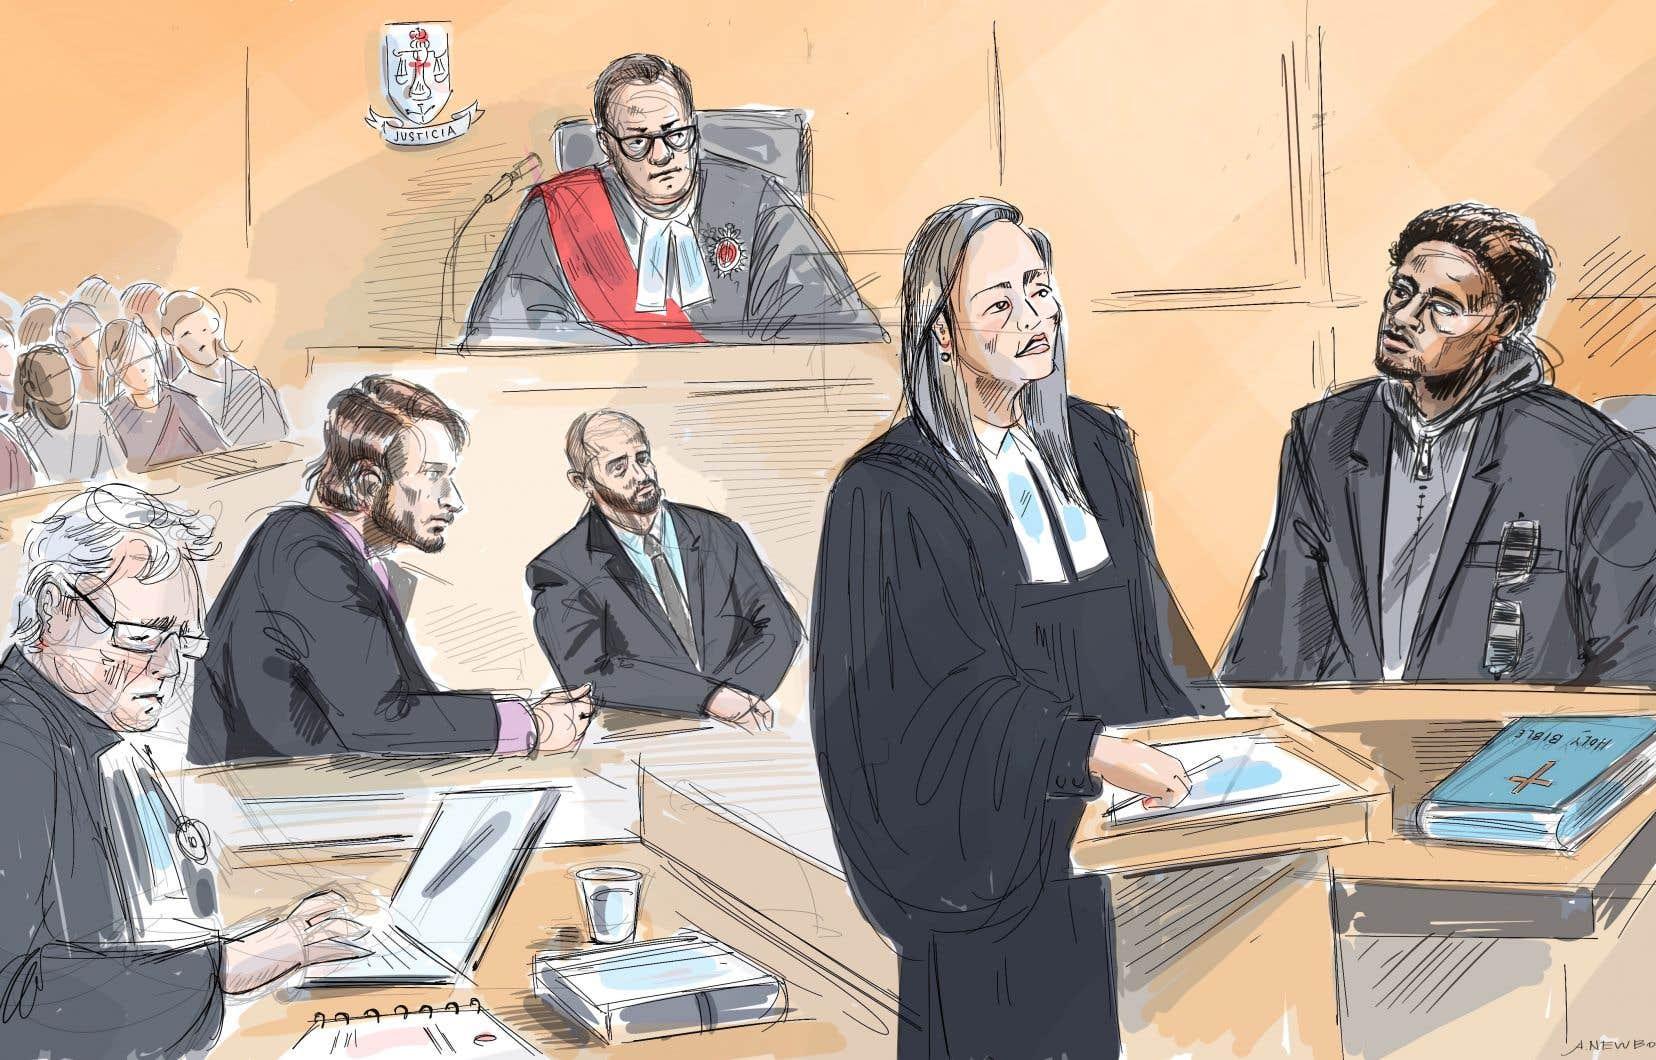 L'agent Michael Theriault et son frère Christian (au centre en bas, de gauche à droite) étaient accusés d'avoir poursuivi Dafonte Miller (à droite) en décembre 2016, le jeune de 19ans entre deux maisons à Whitby, en Ontario, avant de le battre si violemment avec un tuyau que son œil gauche a éclaté.